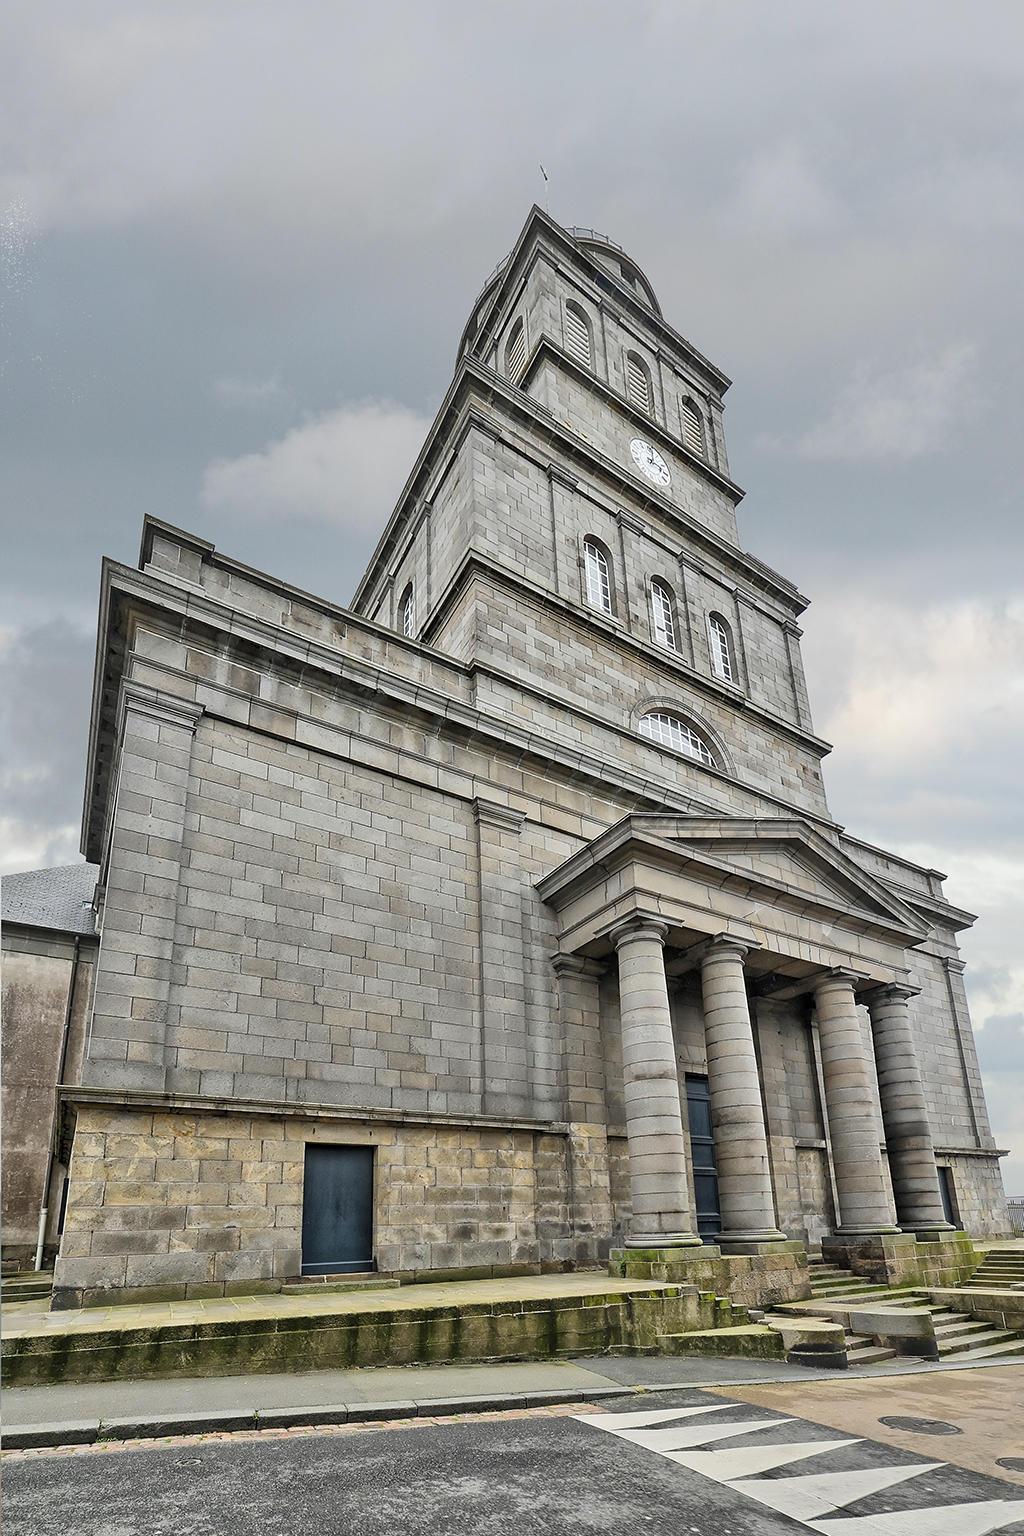 Eglise Sainte-Croix par gerardgg